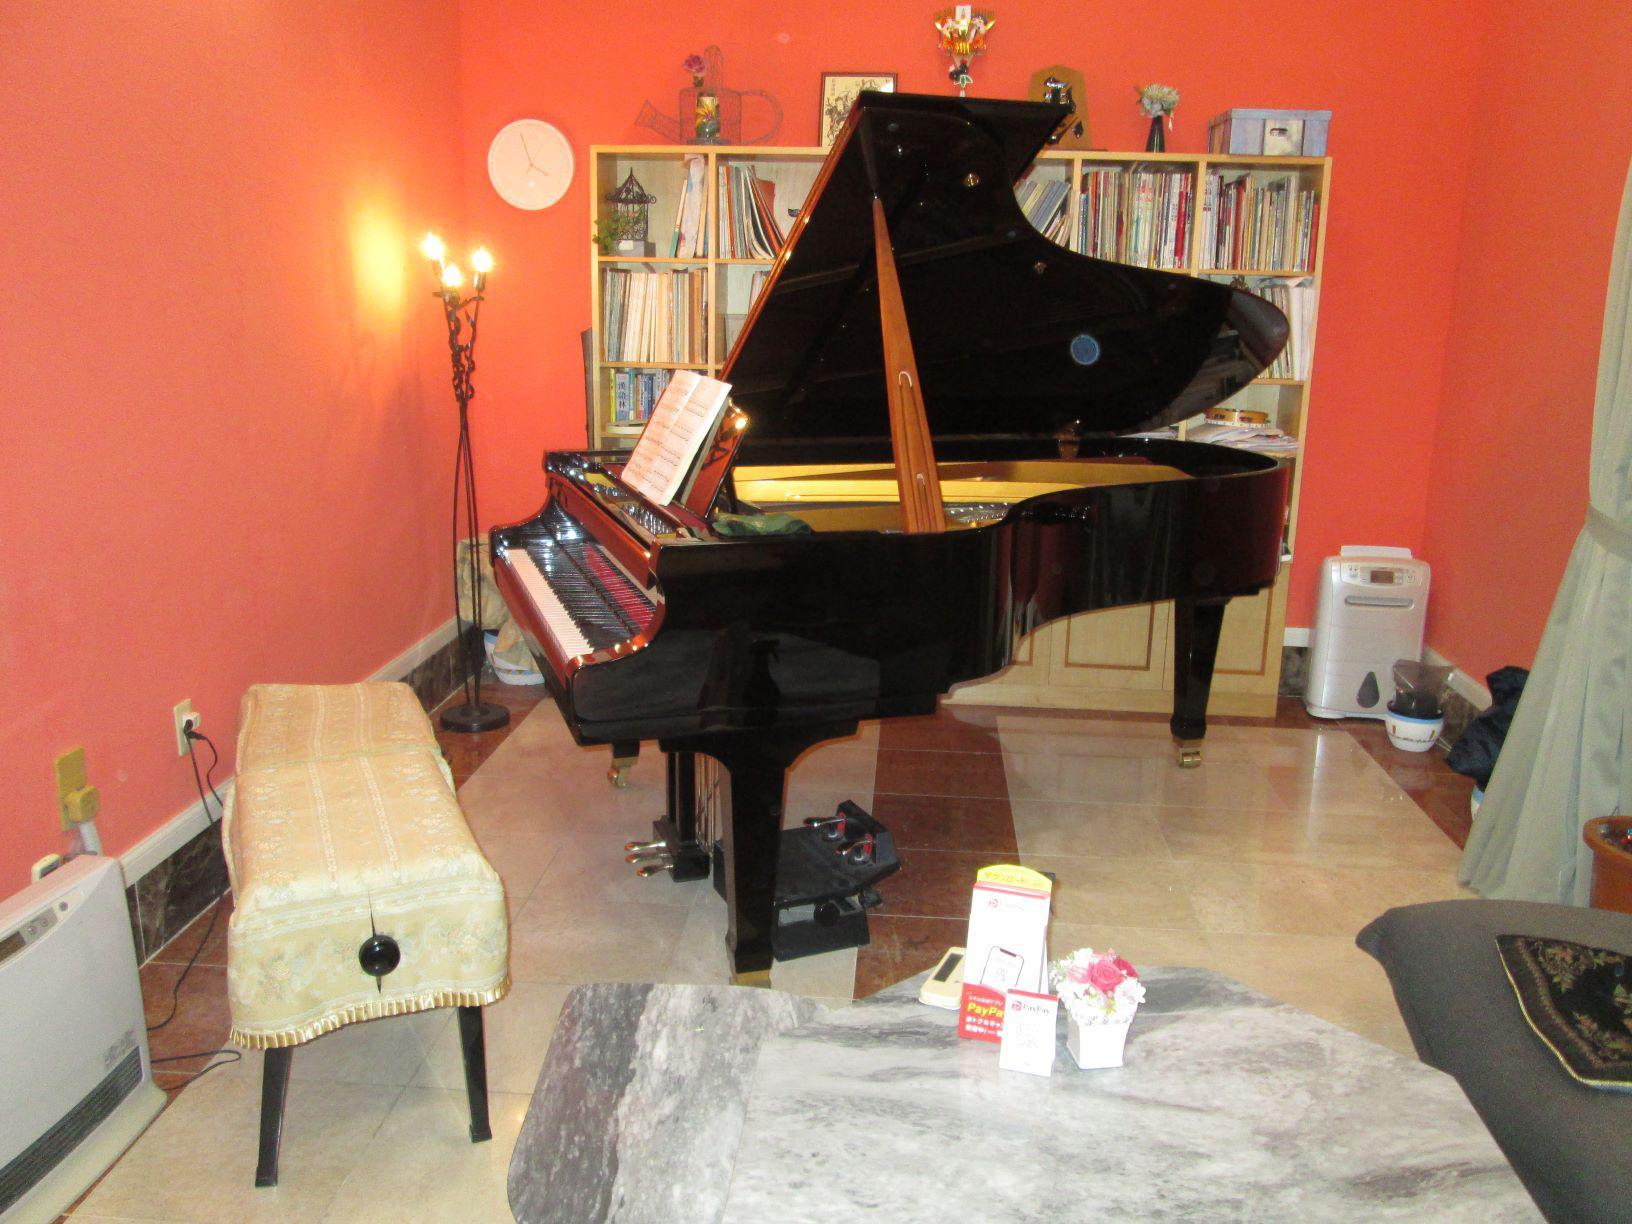 本日、zoomでのピアノ演奏の生配信を19:00~19:45無料で行います、お待ちしてます!!